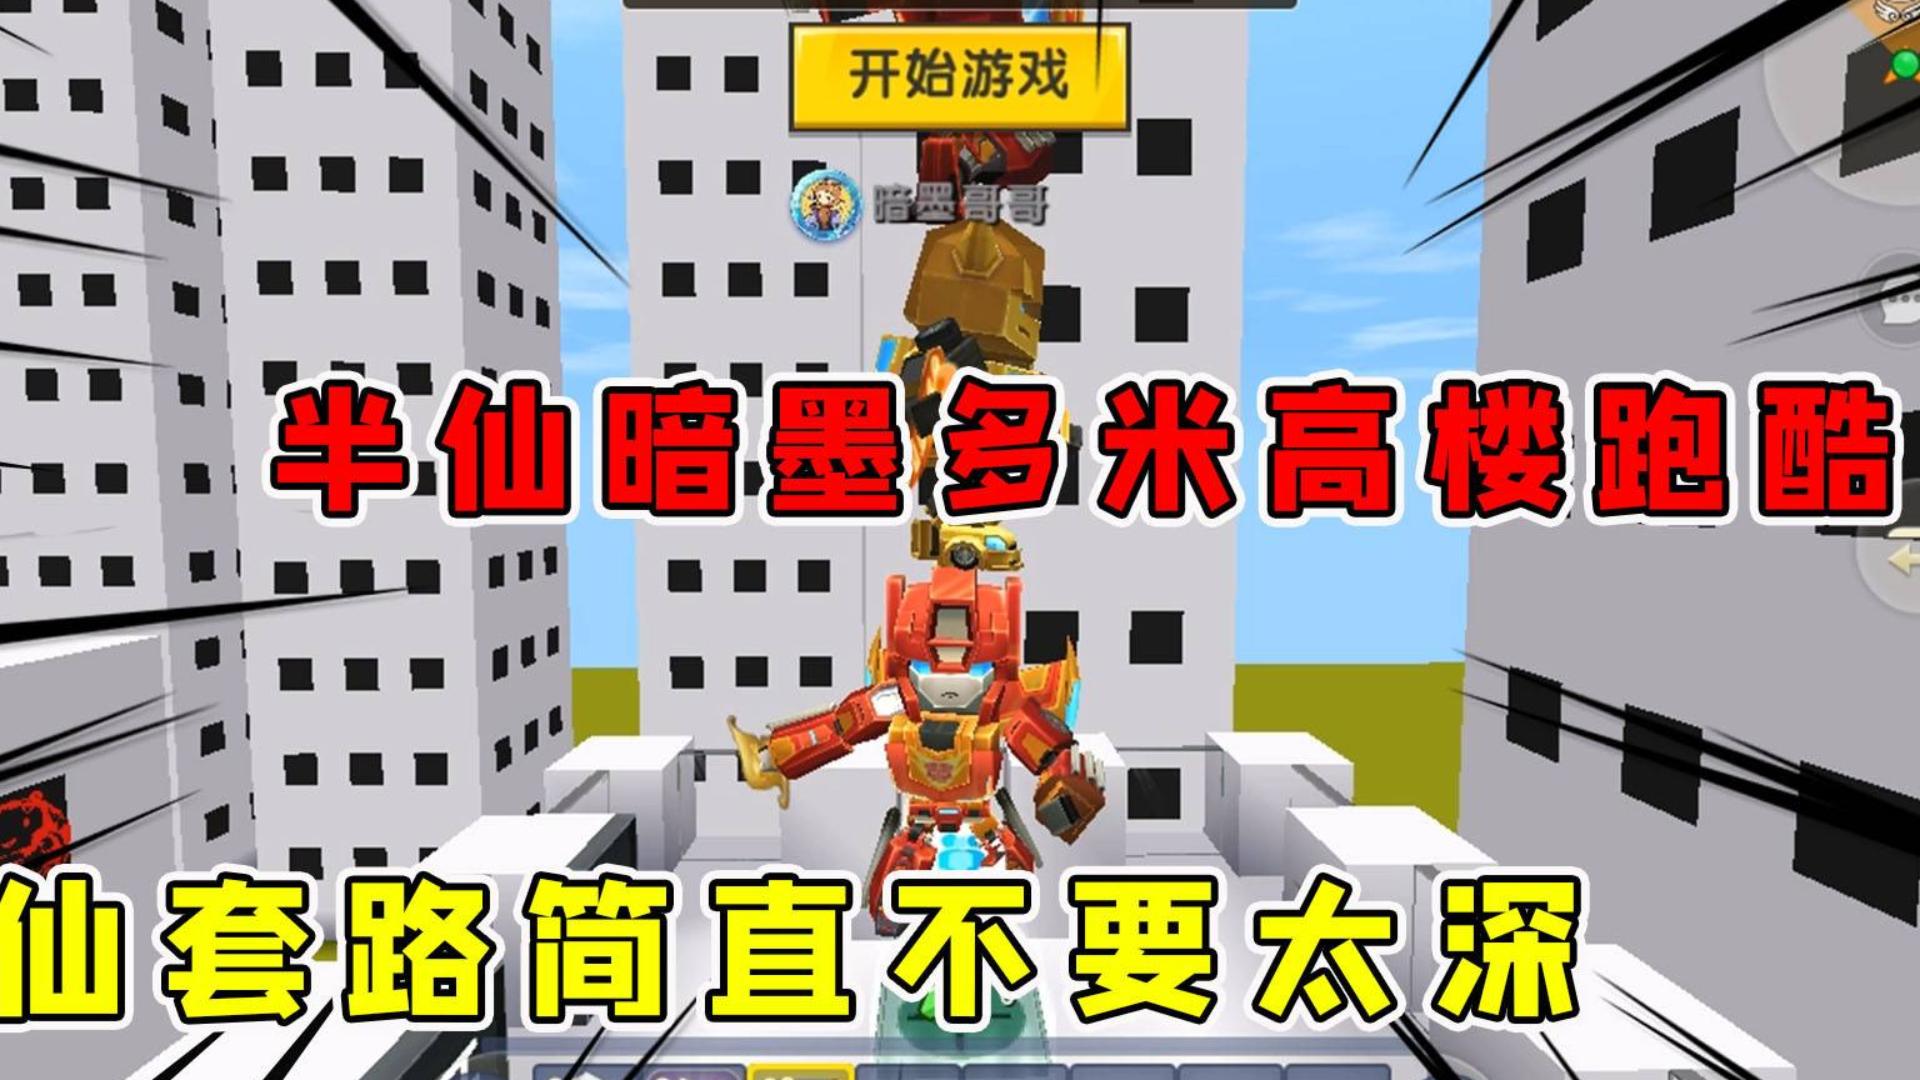 迷你世界:高楼跑酷,半仙暗墨多米玩起了无间道,小伙伴:都是套路!